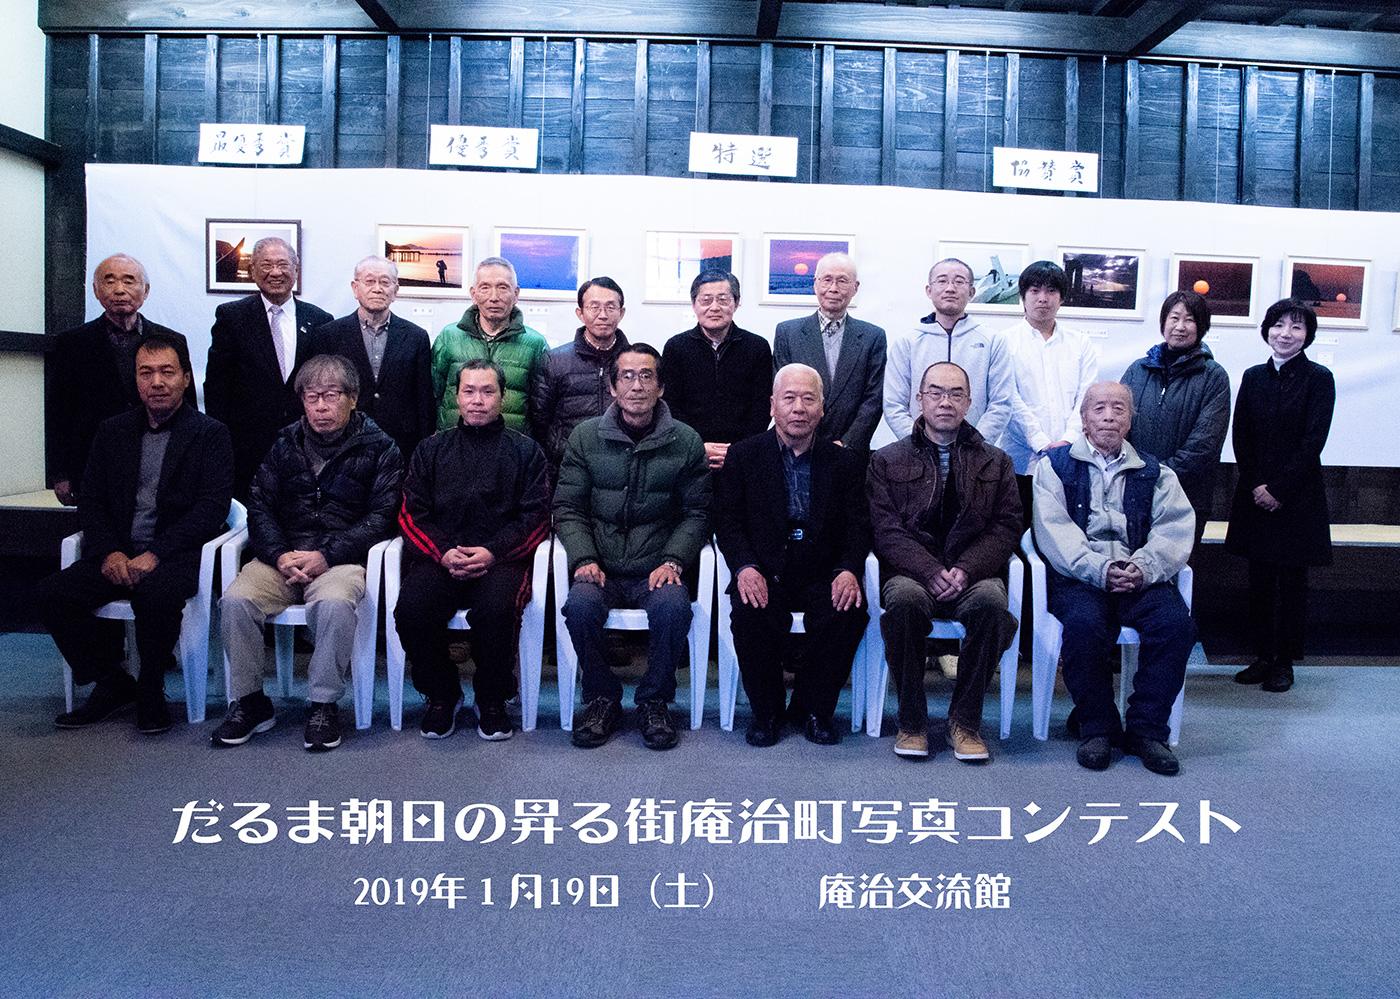 表彰式(第5回・2018年度) 集合写真